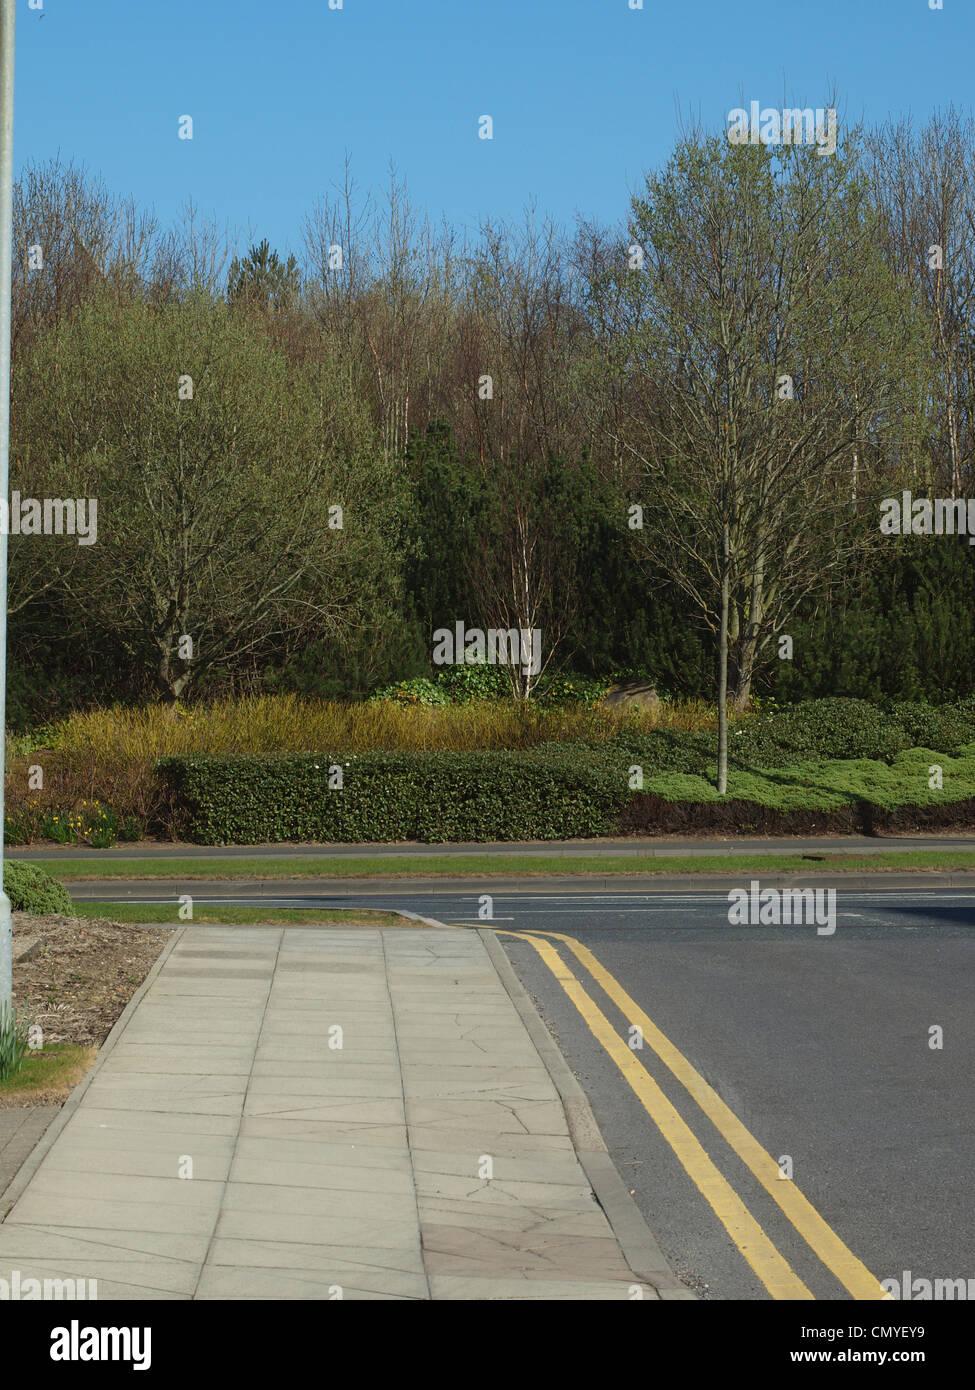 Eine Fußgängerzone mäandernden in Richtung einer Ecke Flanke von grünen Büschen an einem Stockbild